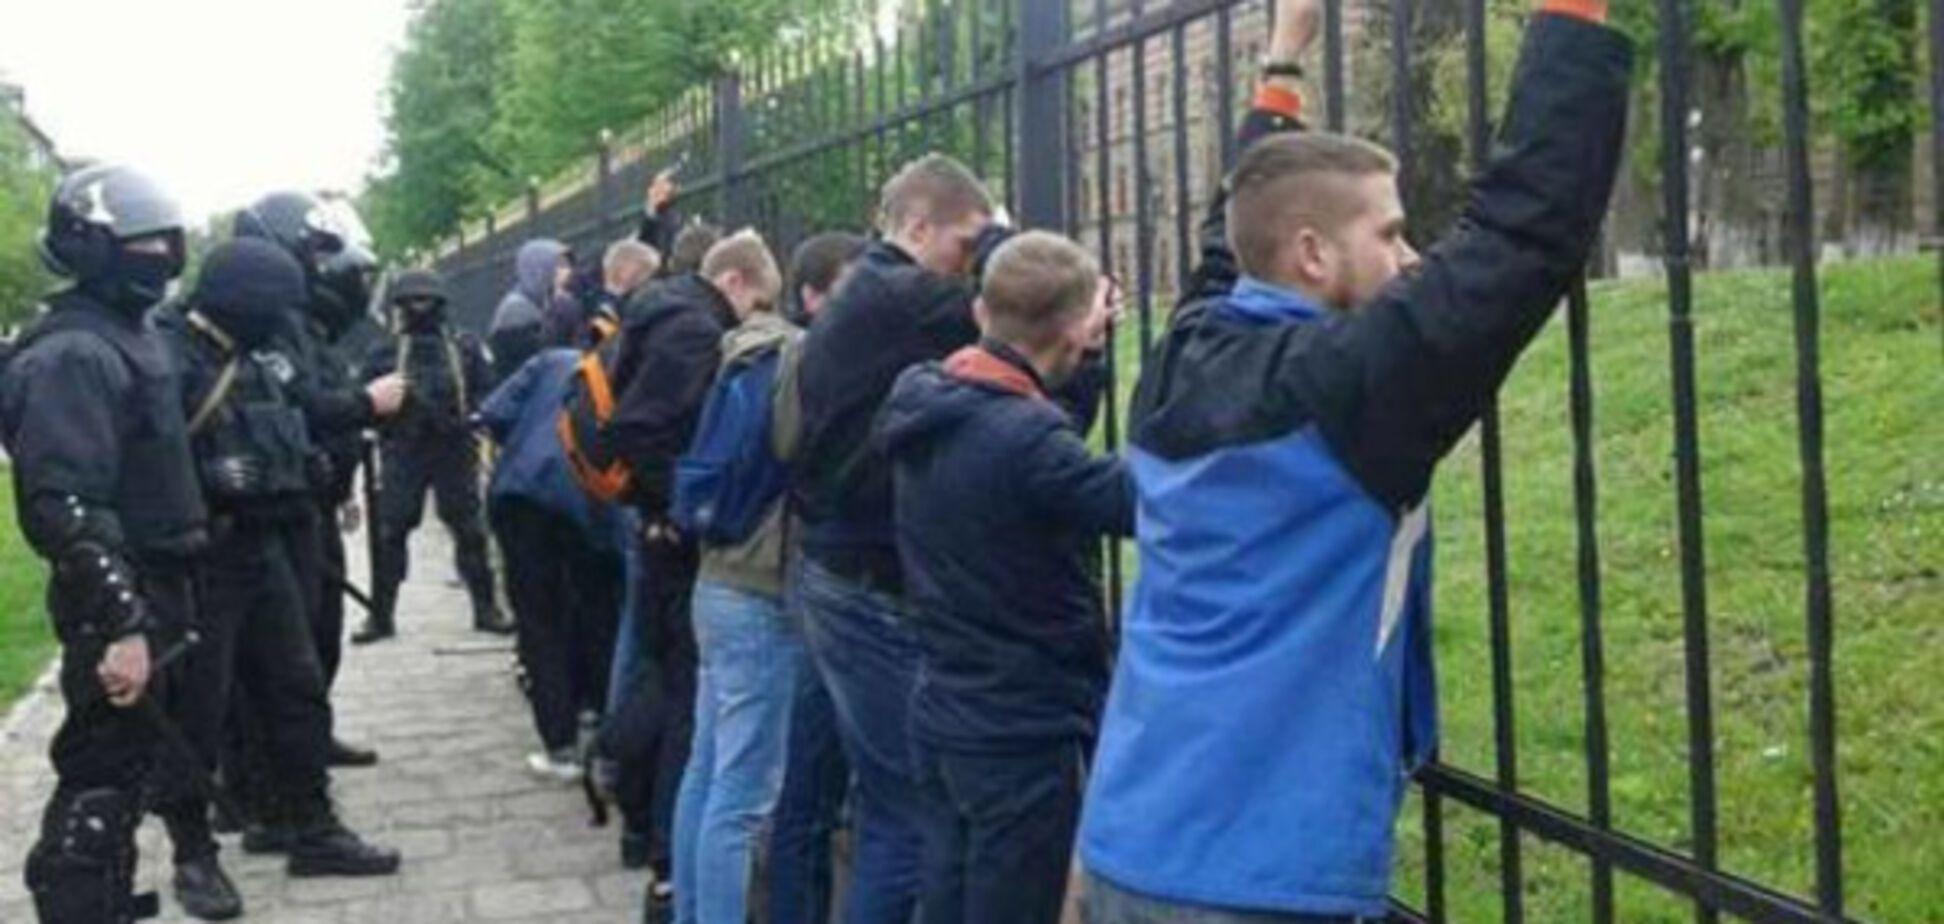 Десятки задержанных: во Львове полиция прекратила массовую драку. Опубликованы фото